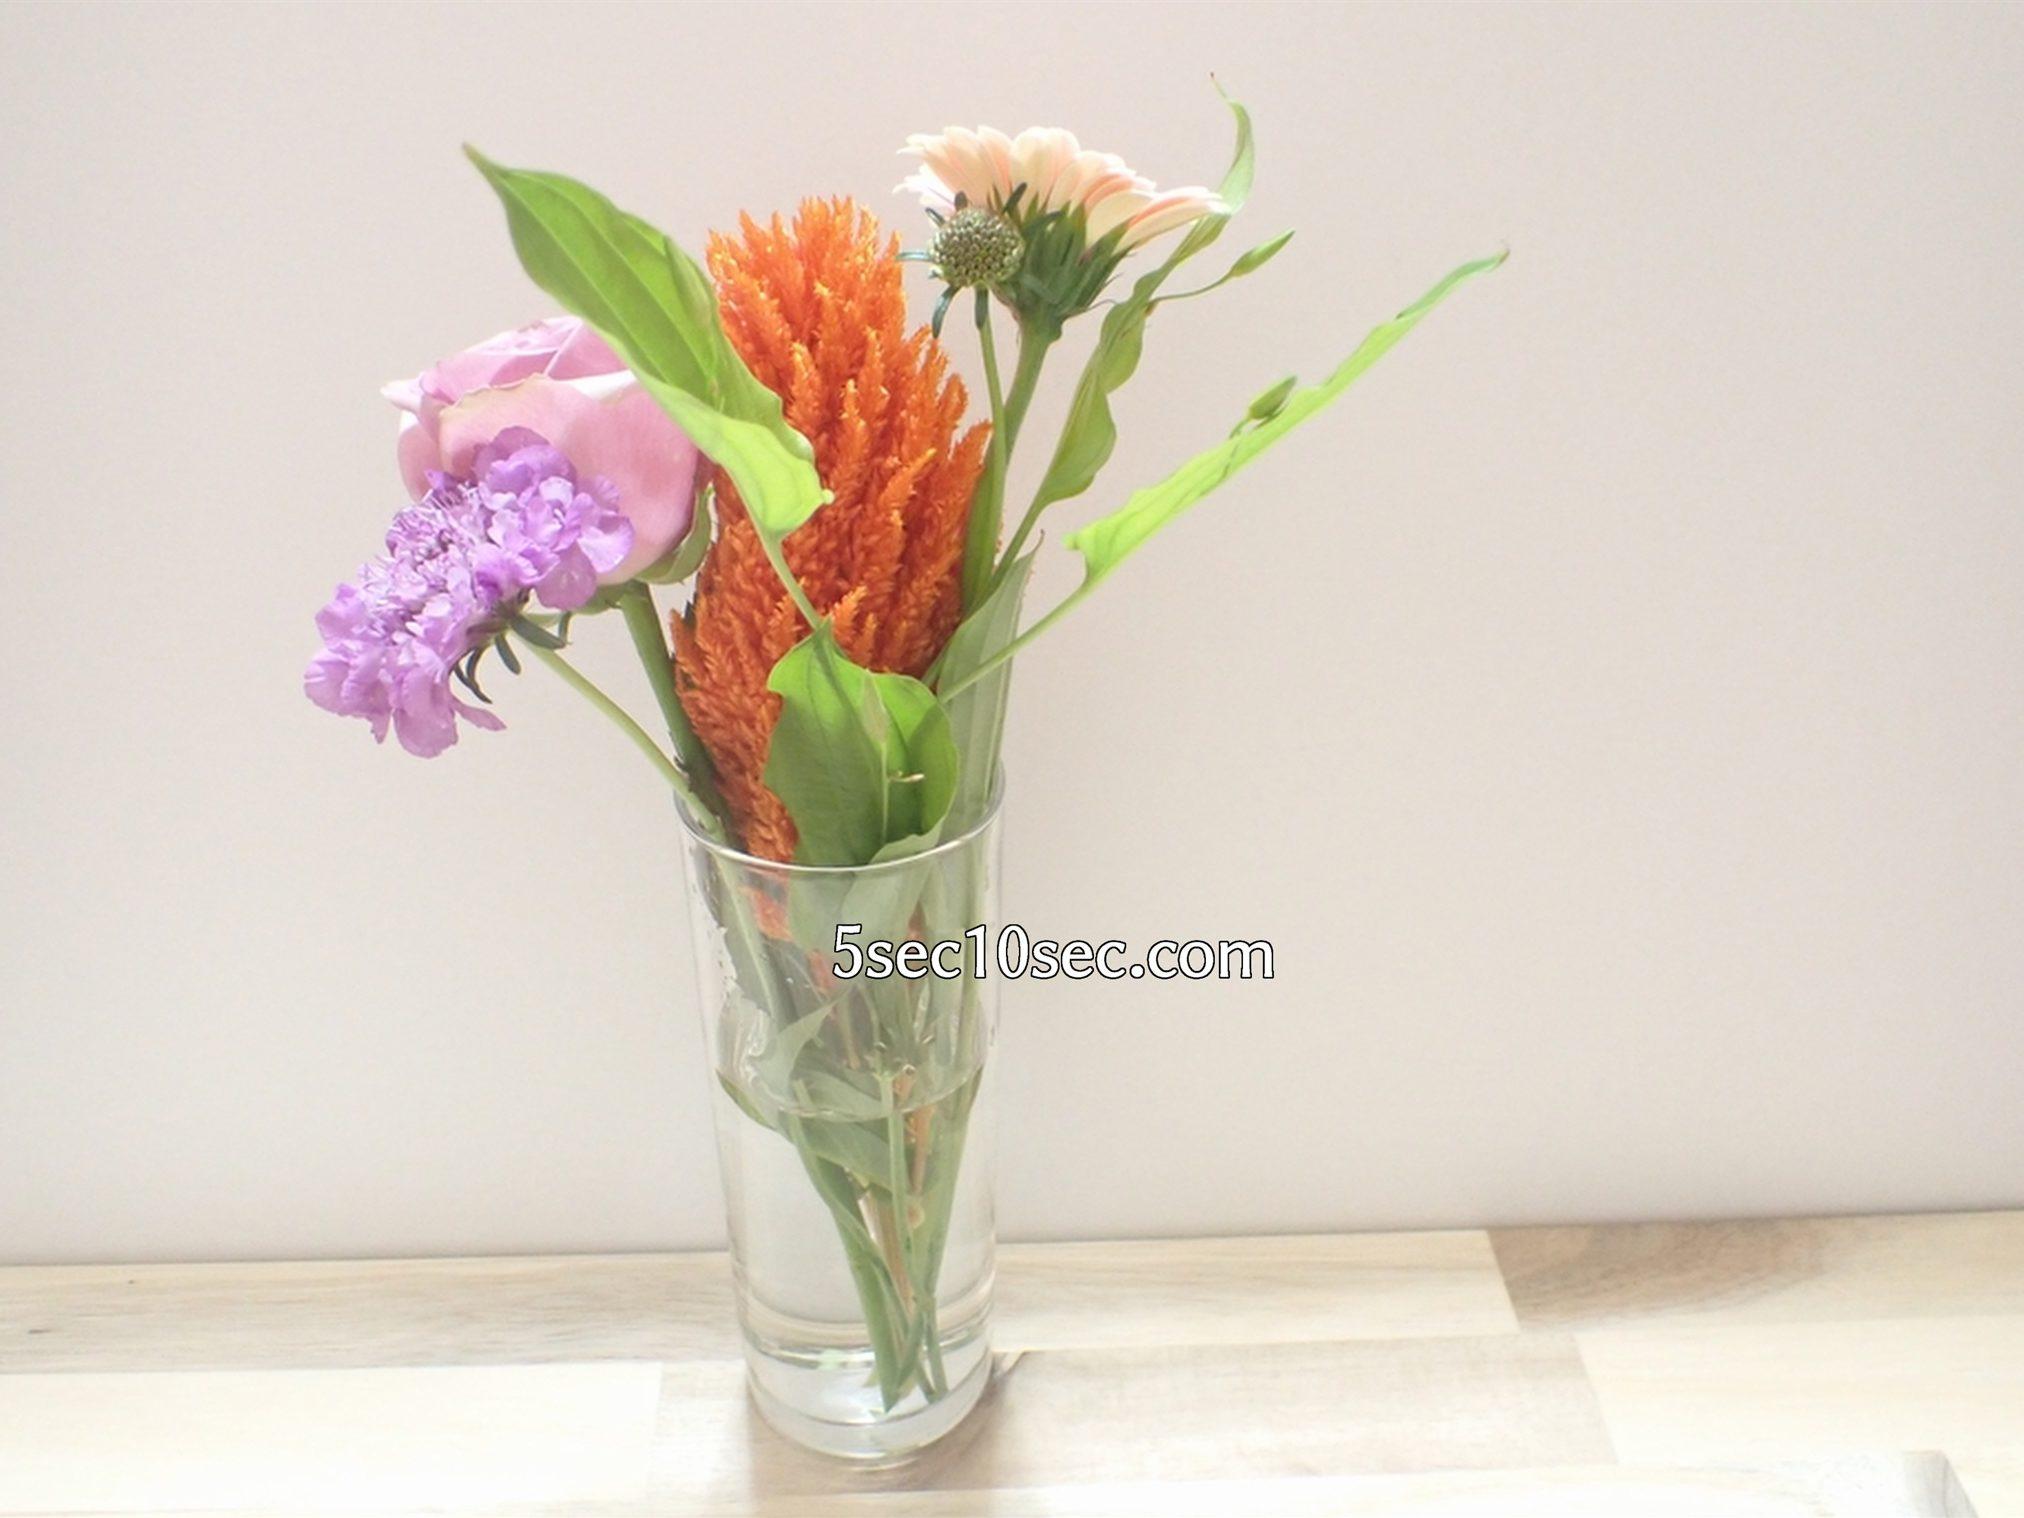 株式会社Crunch Style お花の定期便 Bloomee LIFE ブルーミーライフ レギュラープラン 細長いグラス、シリンダータイプの花瓶に挿すとこういう感じです